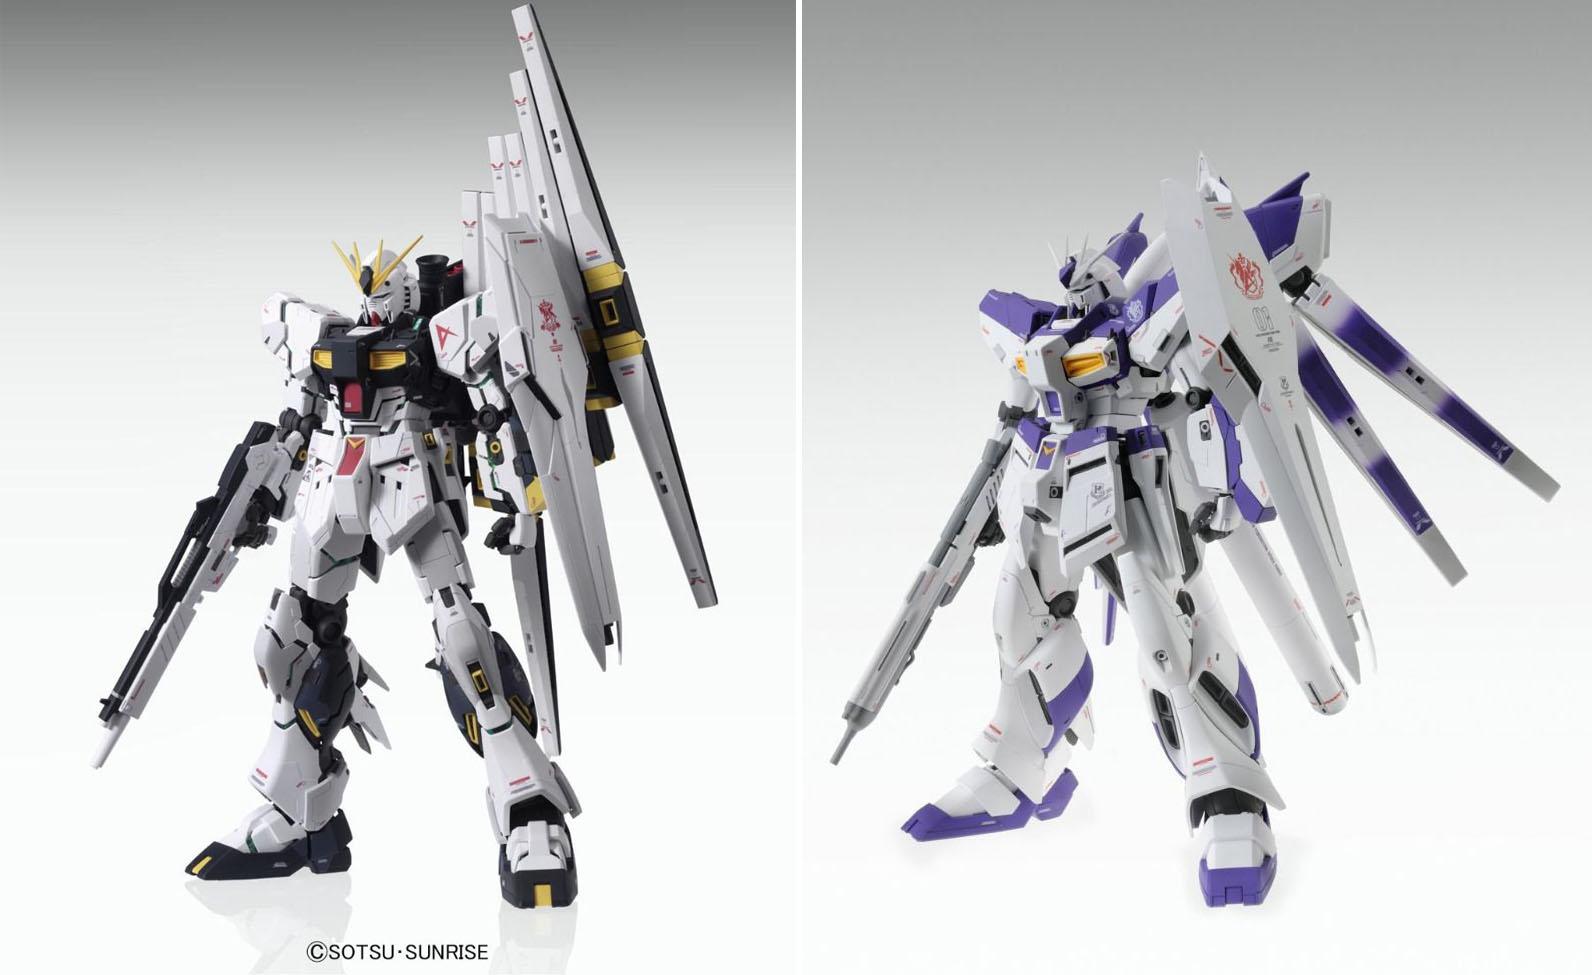 Le MG Nu Gundam ver. Ka sorti en 2012e et le MG Hi-Nu Gundam ver.Ka sorti en 2014. On constate la baisse de niveau du détaillage de l'armure de l'Hi-Nu, beaucoup plus lisse..